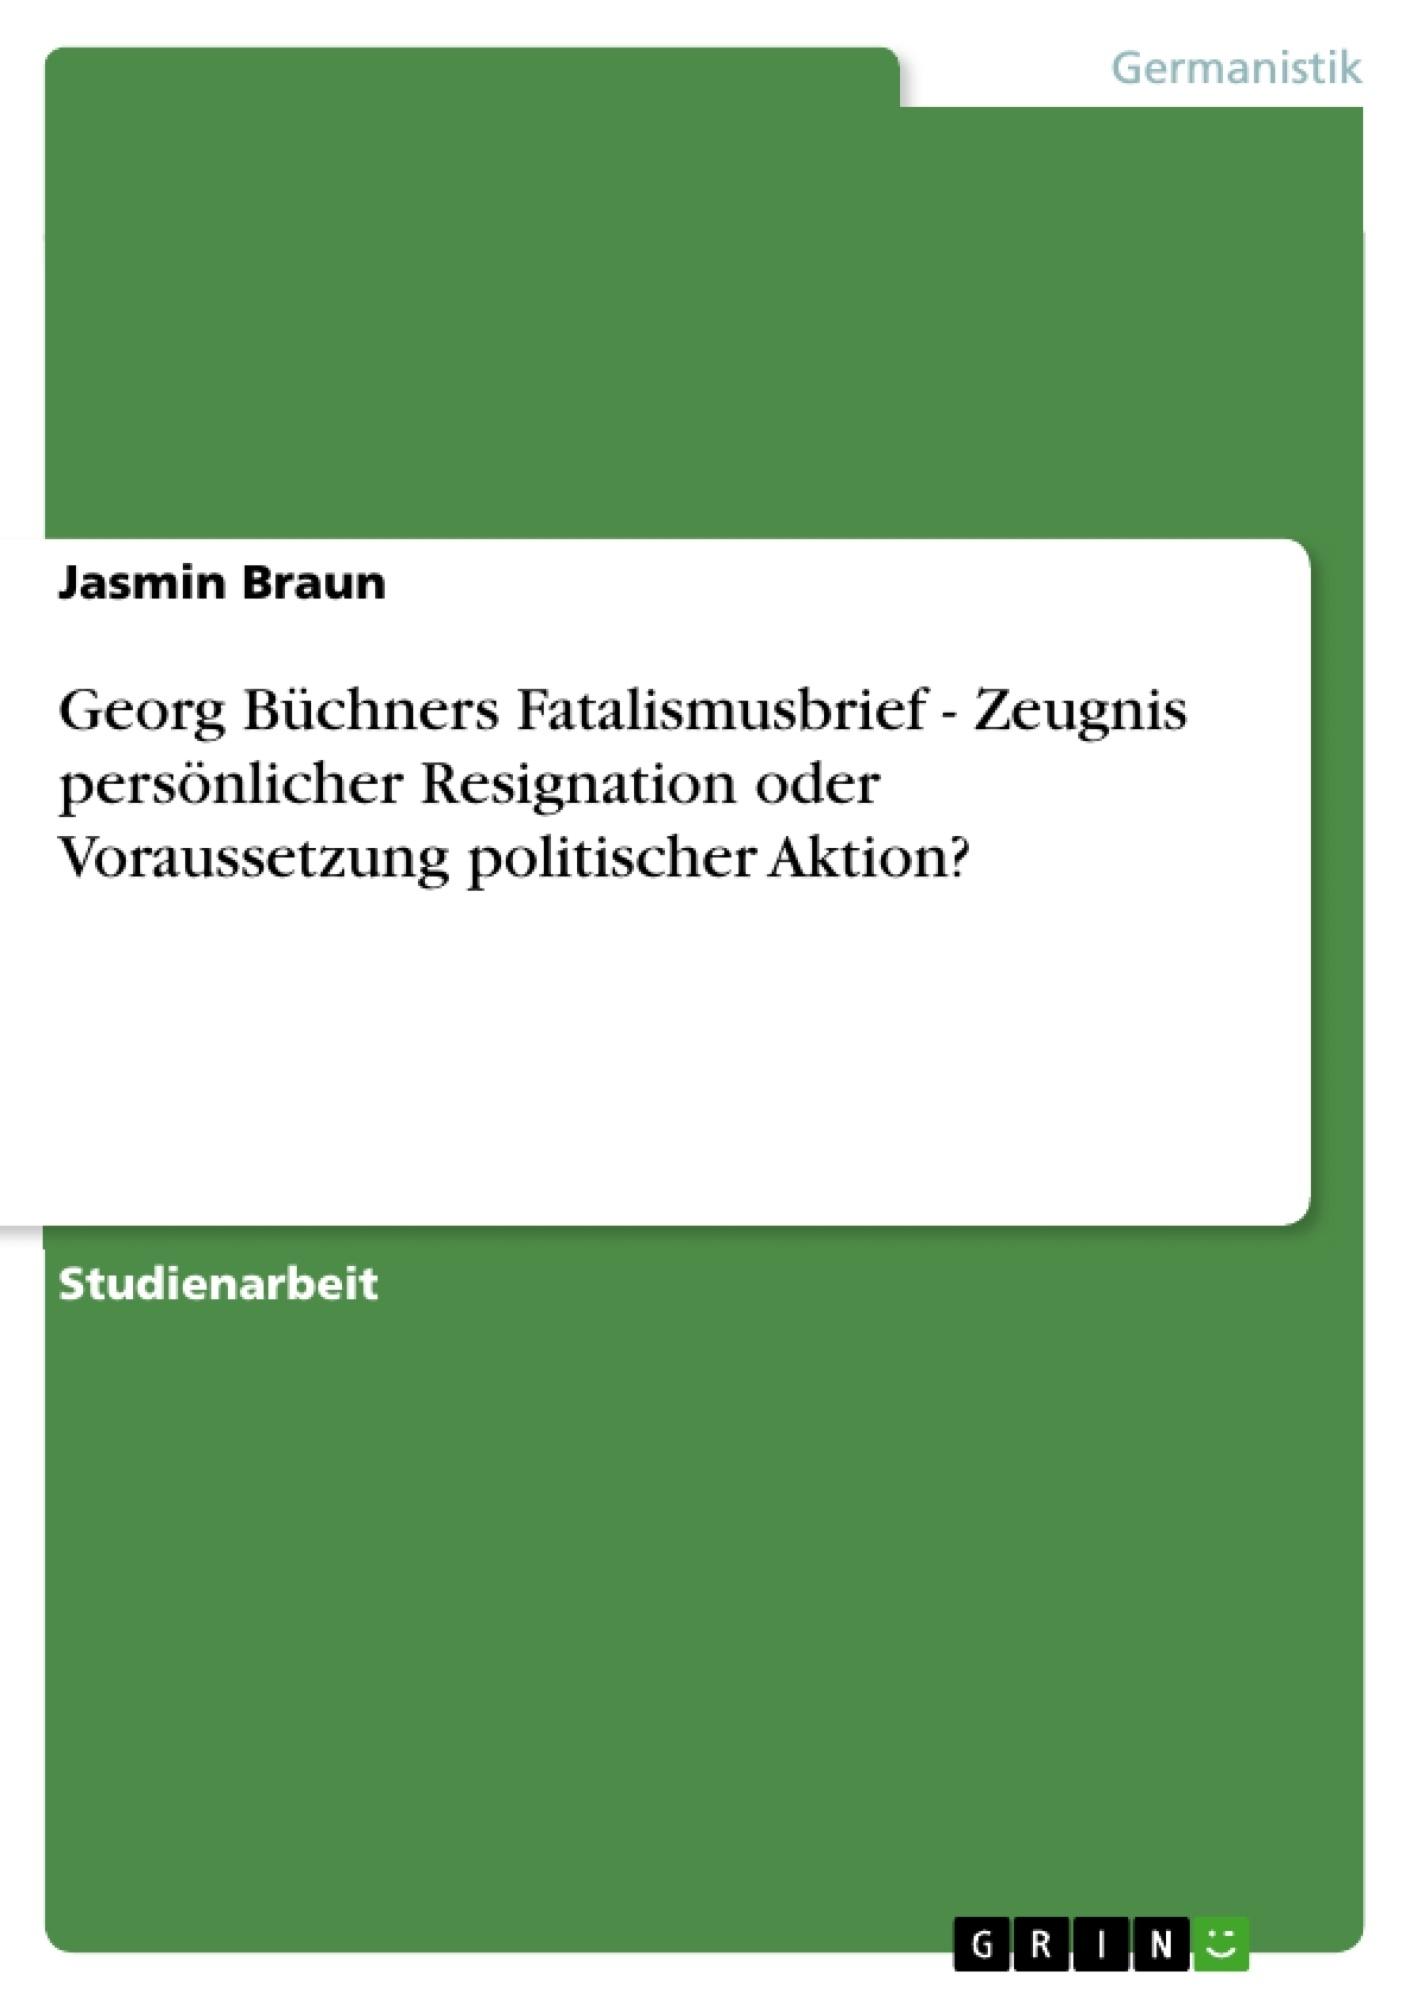 Titel: Georg Büchners Fatalismusbrief - Zeugnis persönlicher Resignation oder Voraussetzung politischer Aktion?